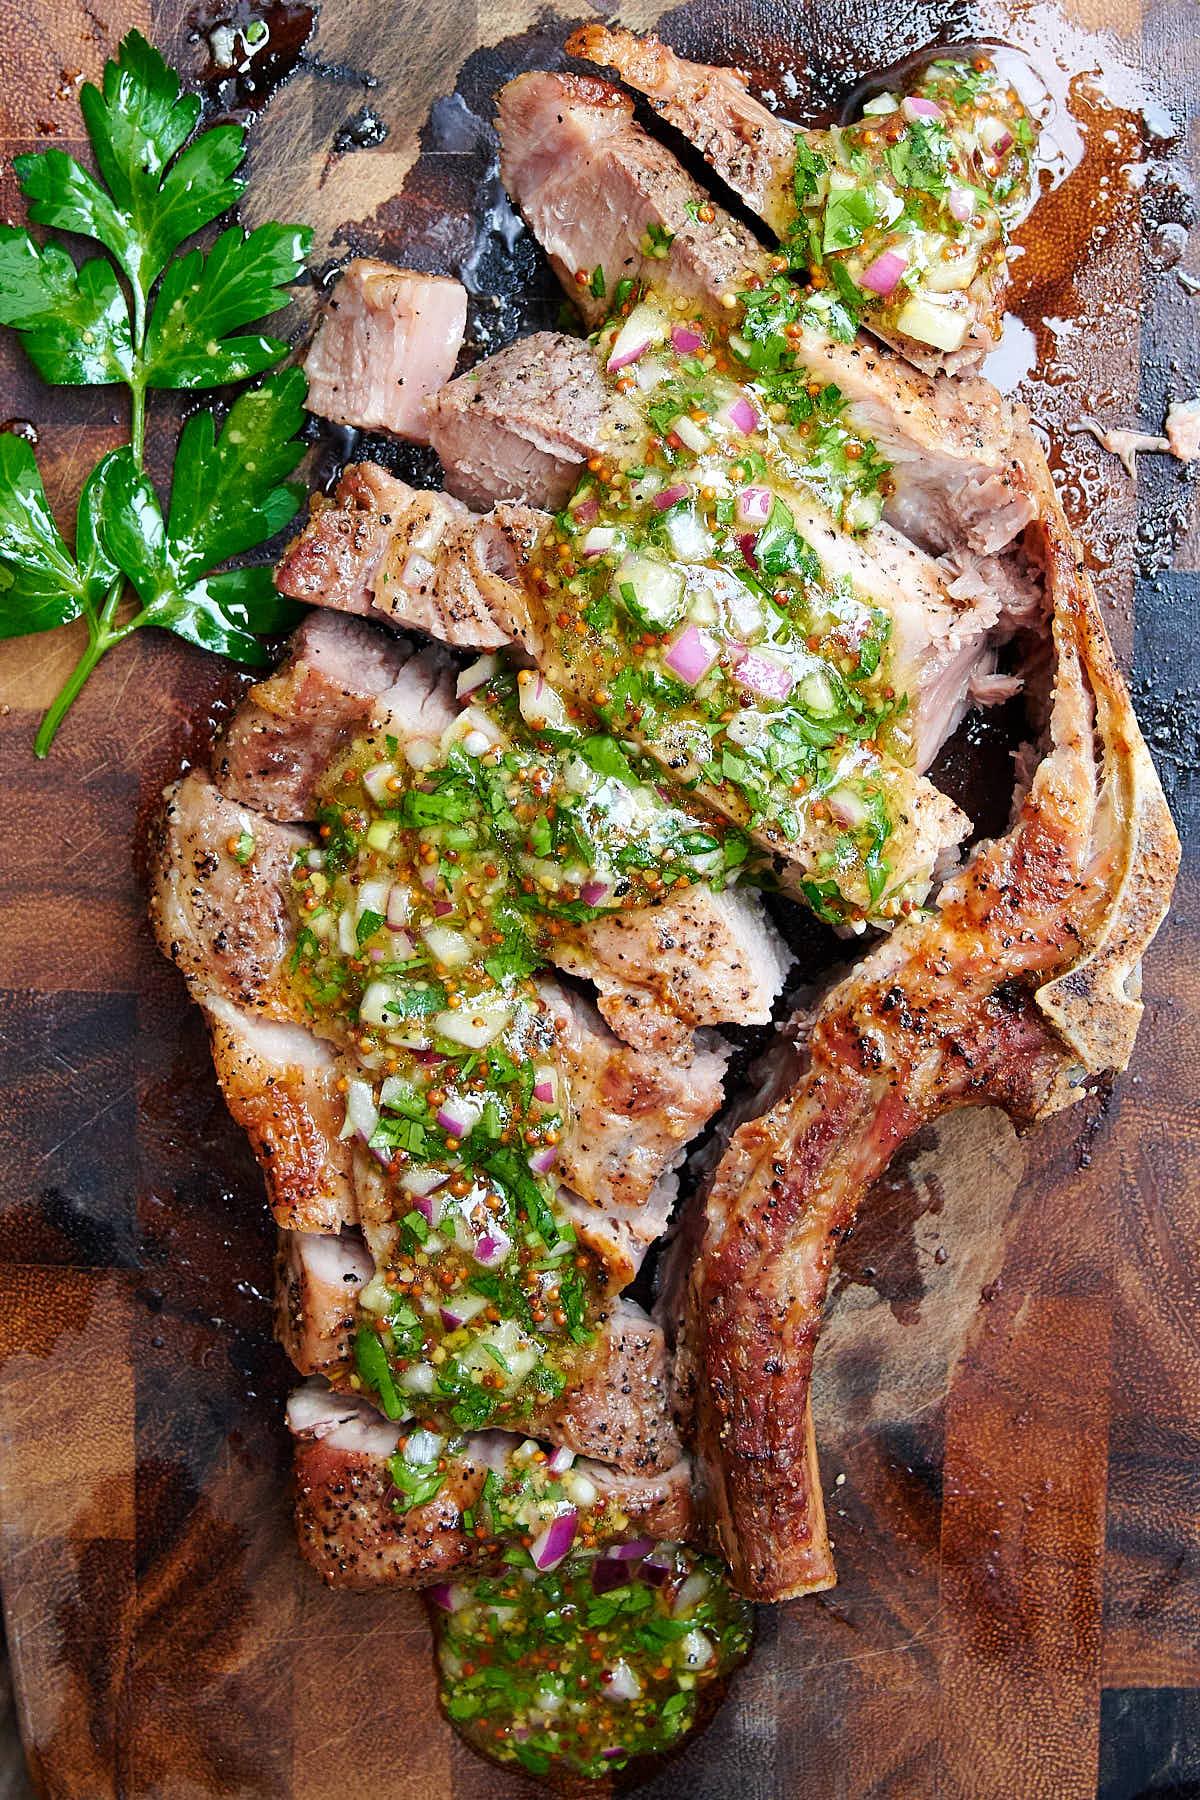 Sliced air fryer steak on a cutting board.